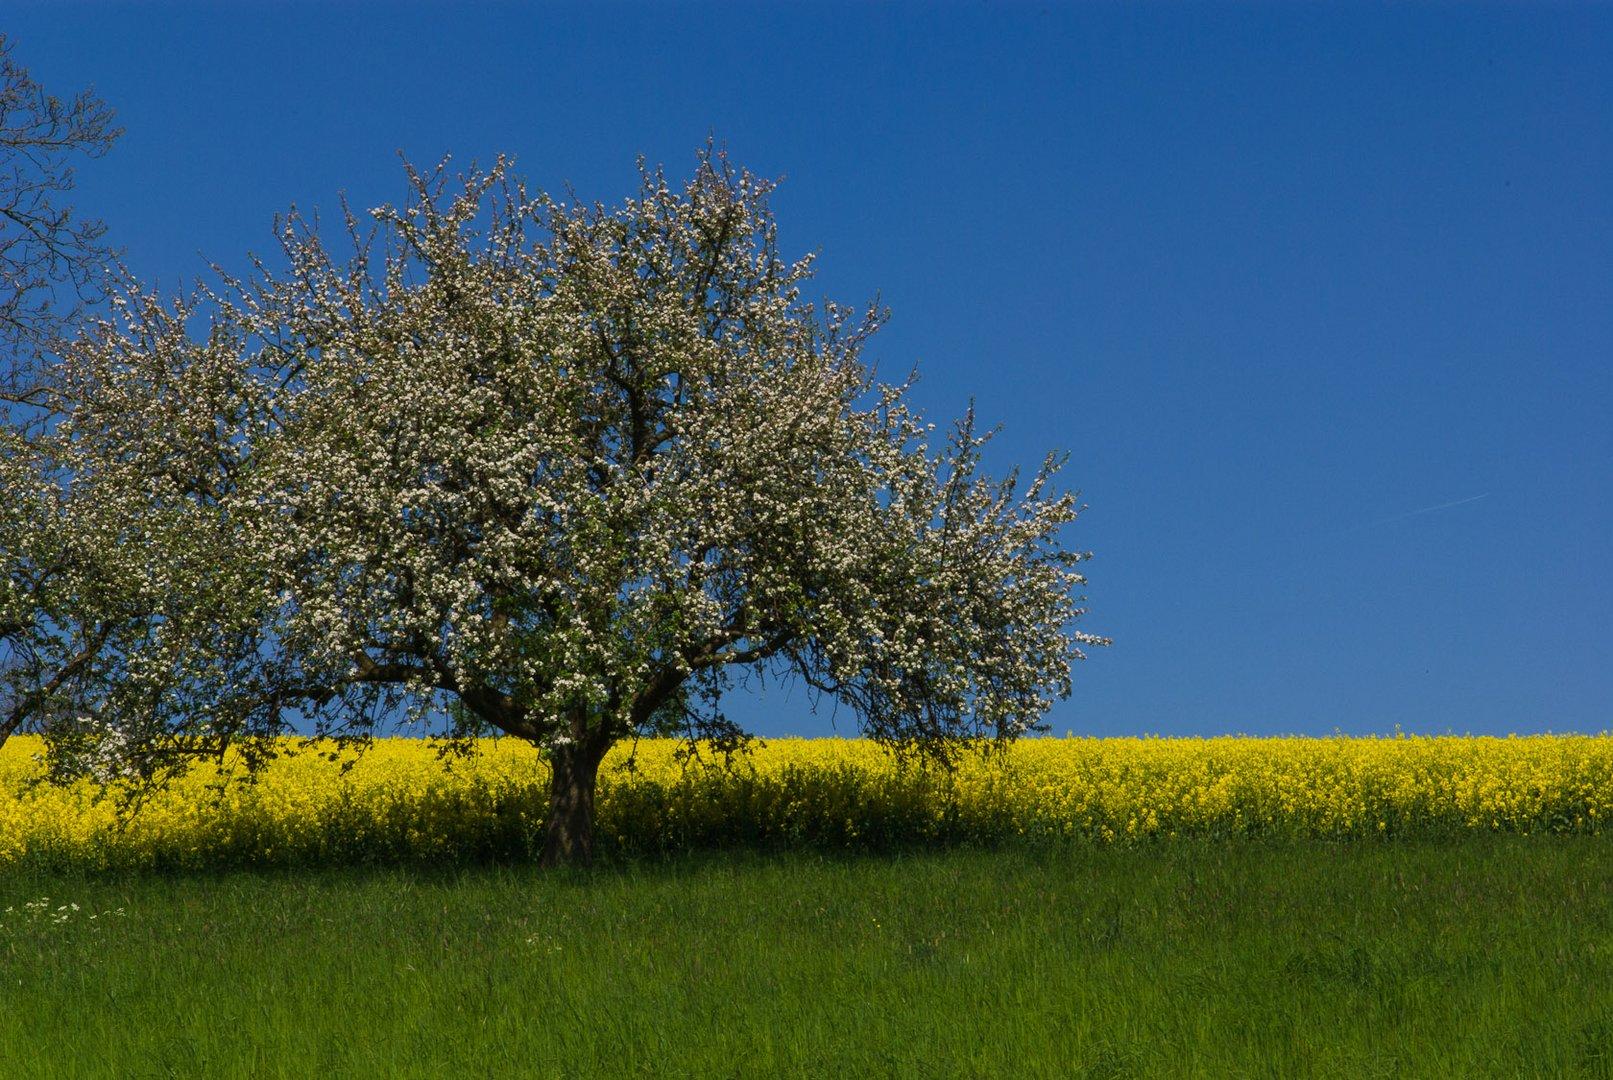 Frühling (kommt bald)